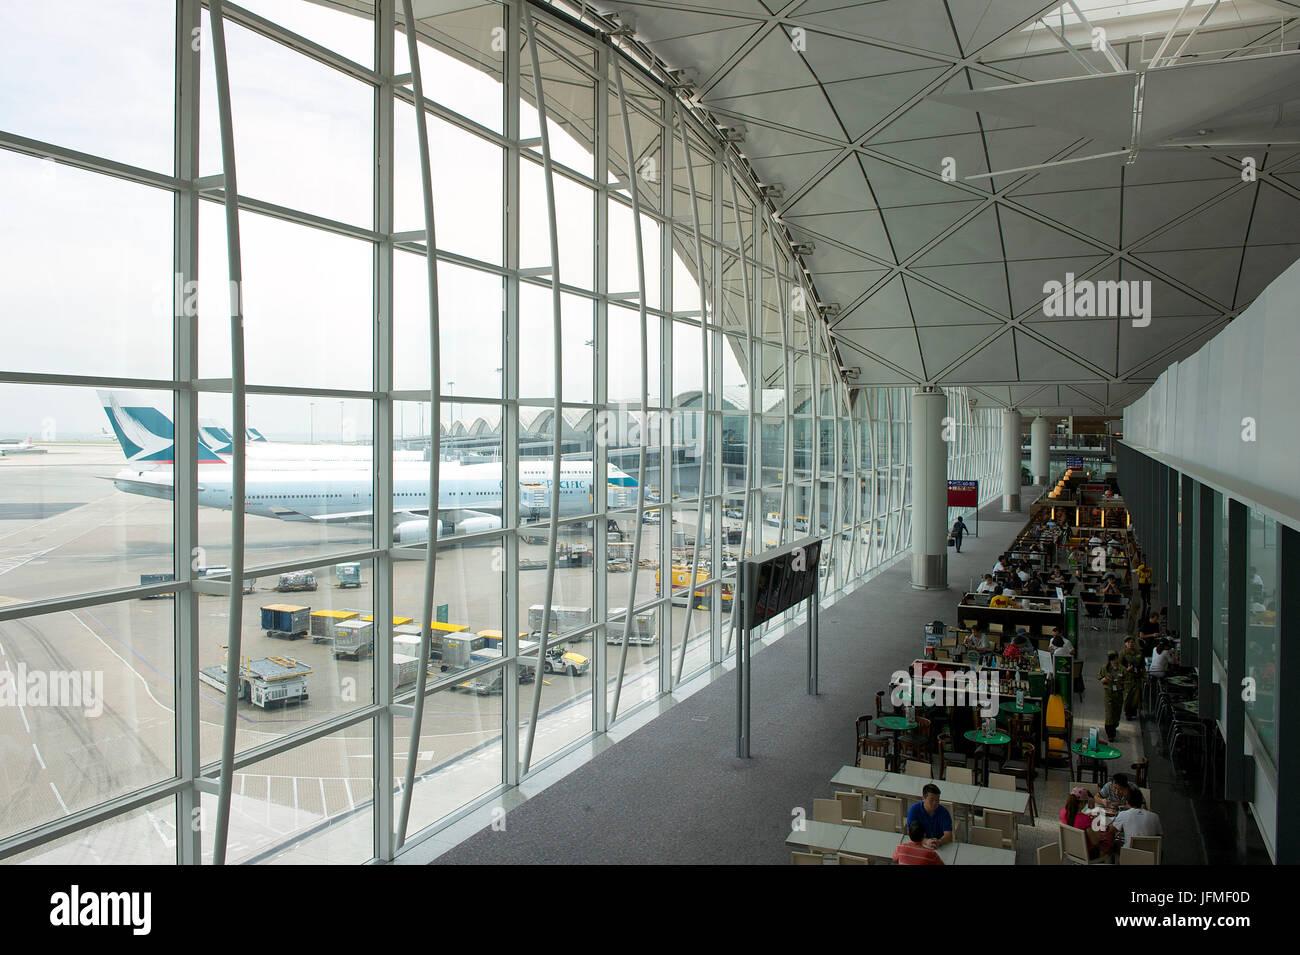 China, Hong Kong, Hong Kong Chek Lap Kok International Airport - Stock Image